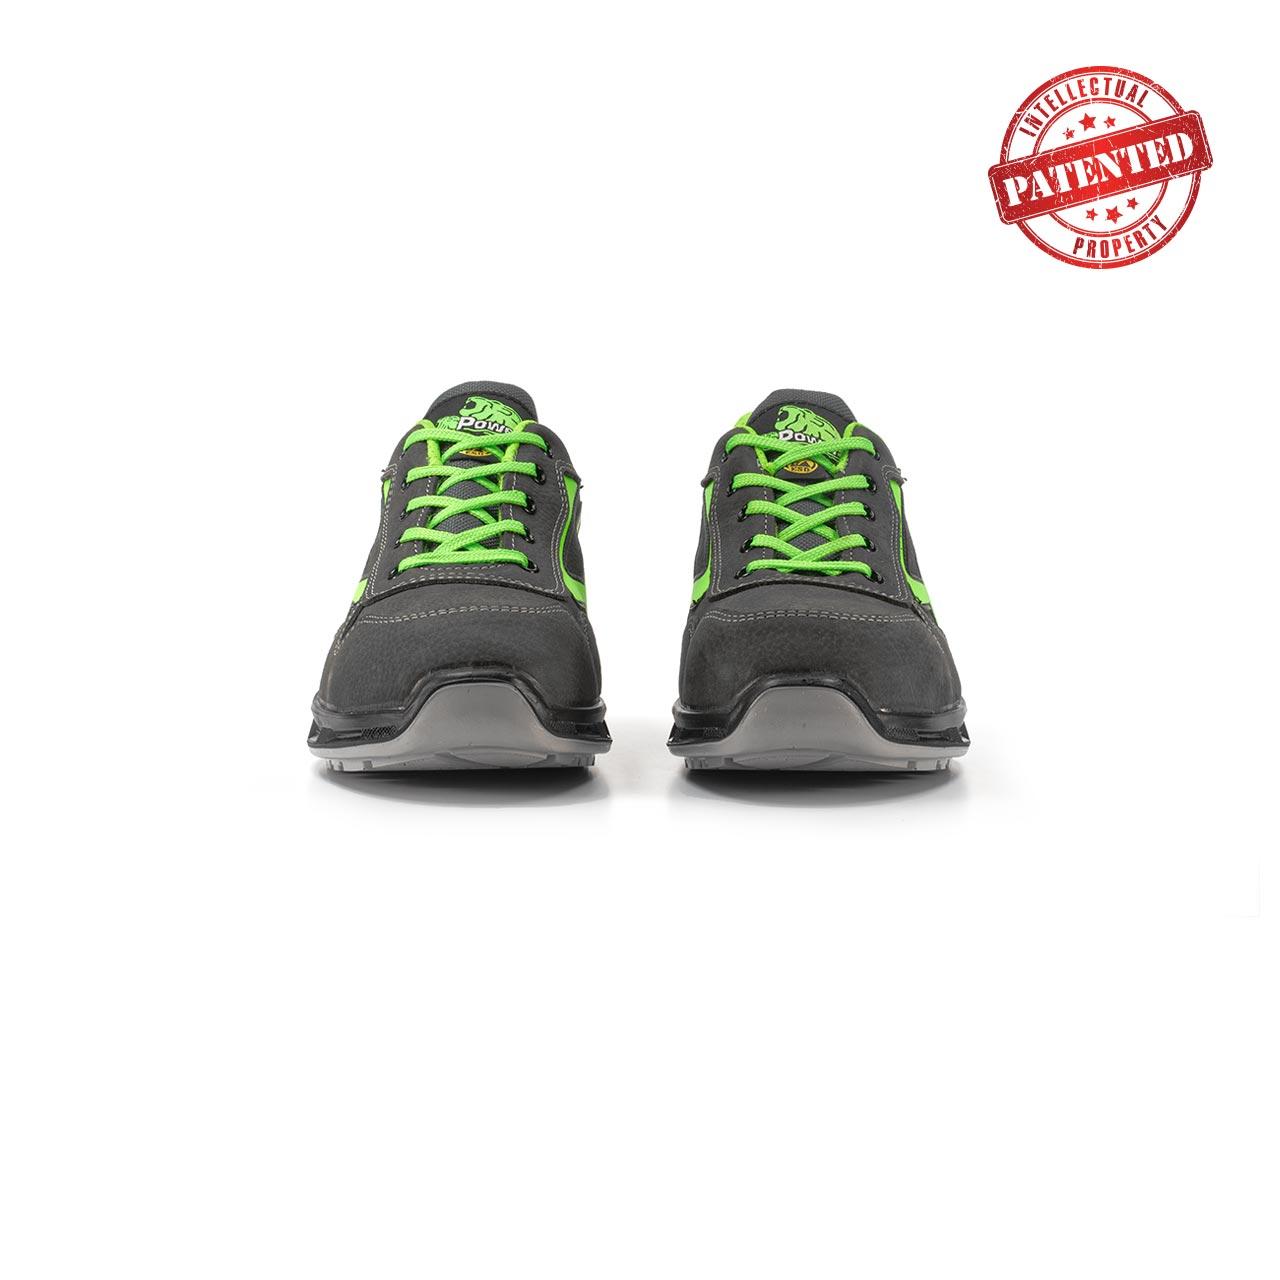 paio di scarpe antinfortunistiche upower modello yoda linea redlion vista frontale